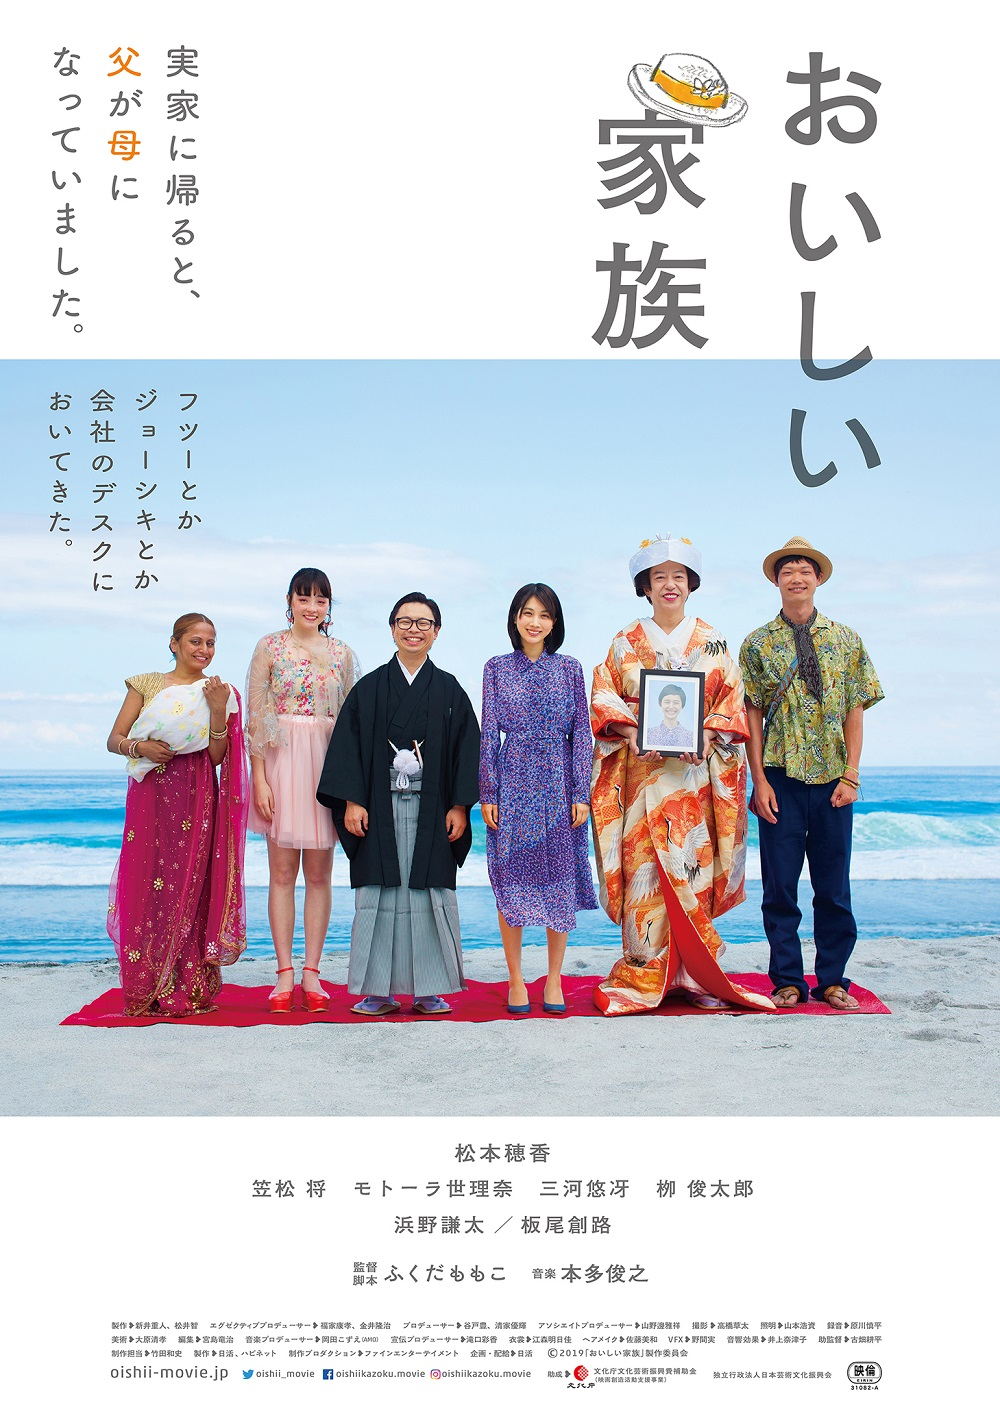 【画像】映画『おいしい家族』ポスタービジュアル